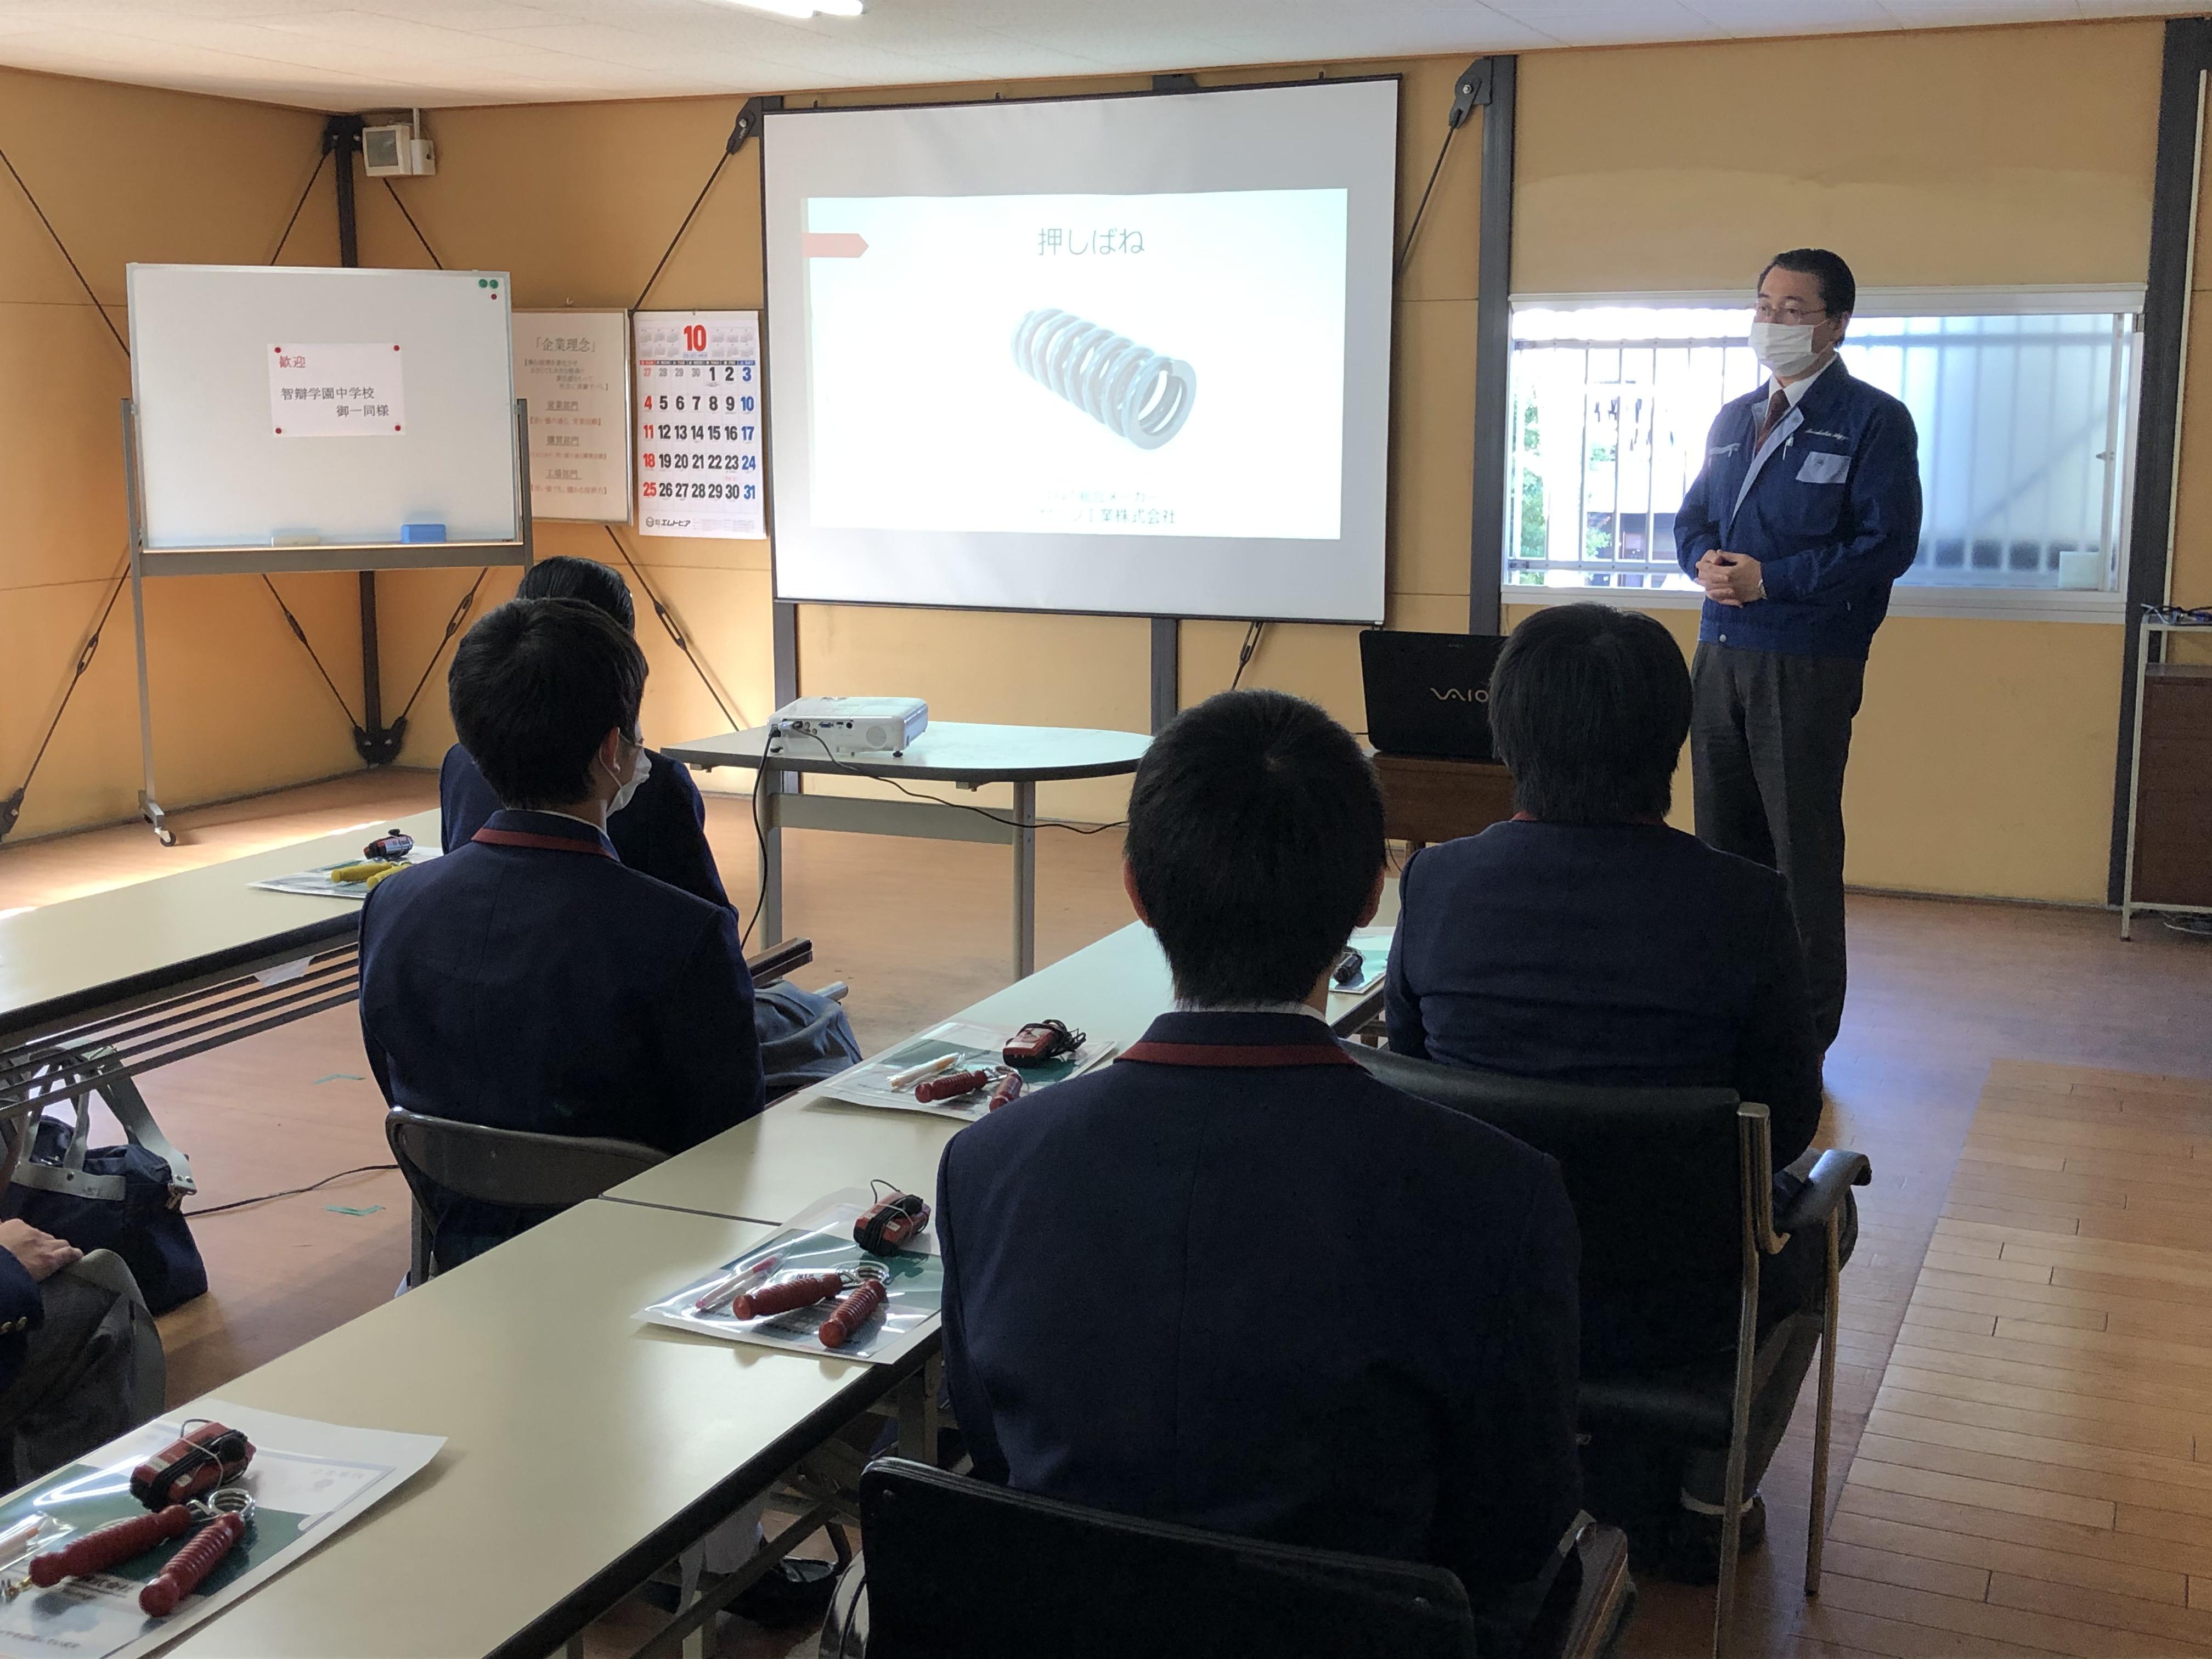 奈良県私立 智弁学園中学校 工場見学